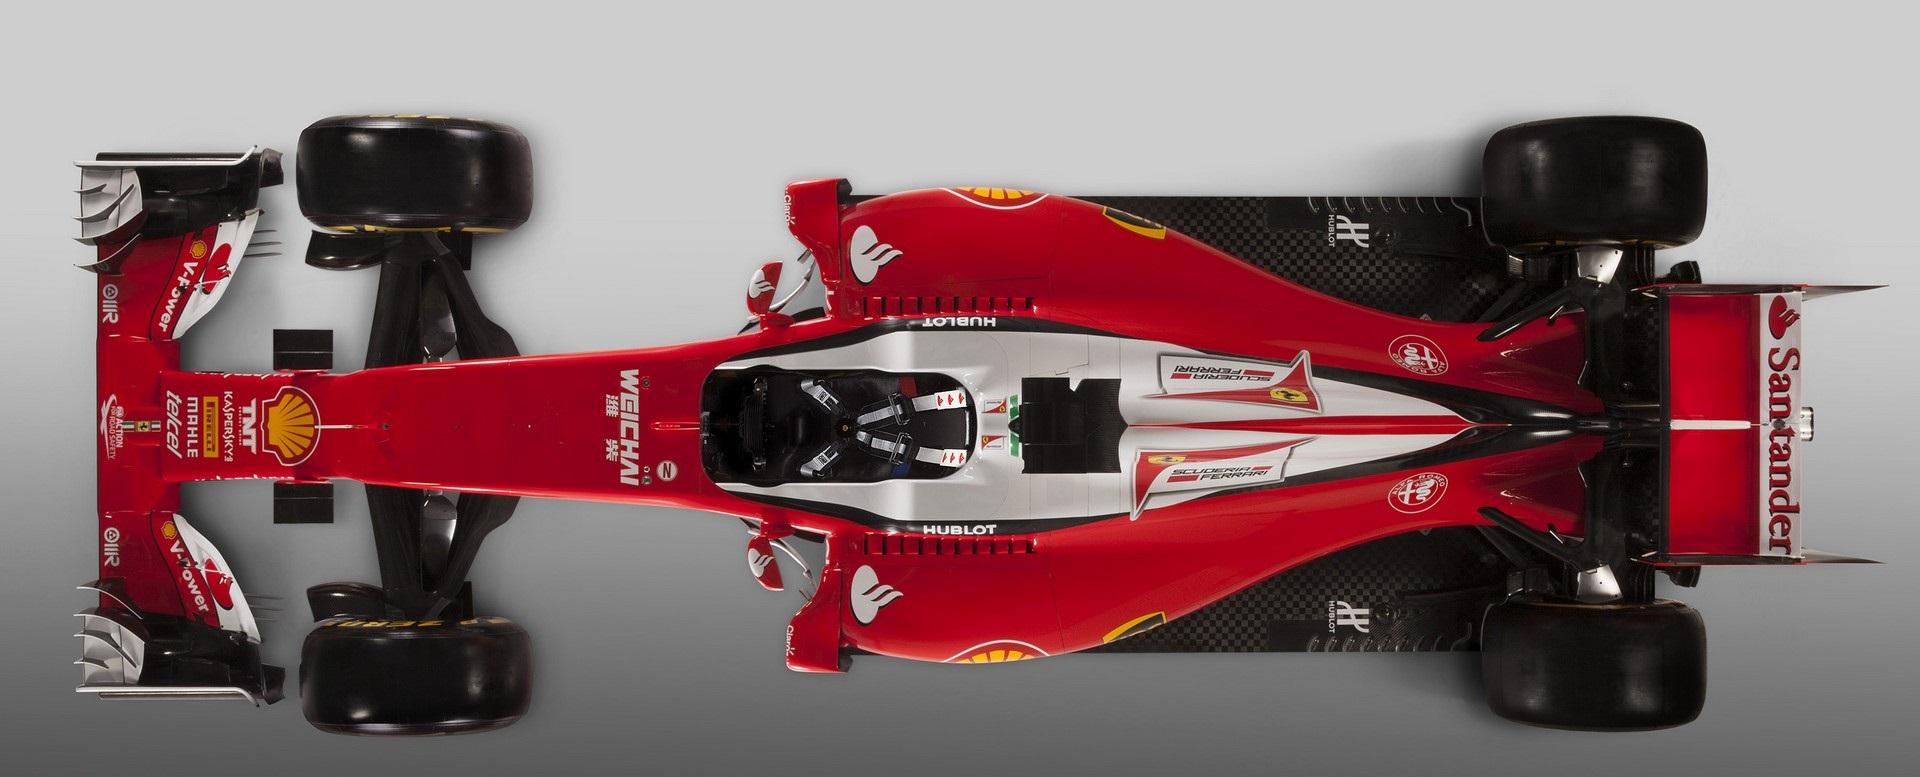 Már pályára is gurult a 2016-os Ferrari: Vettel és Raikkönen akcióban